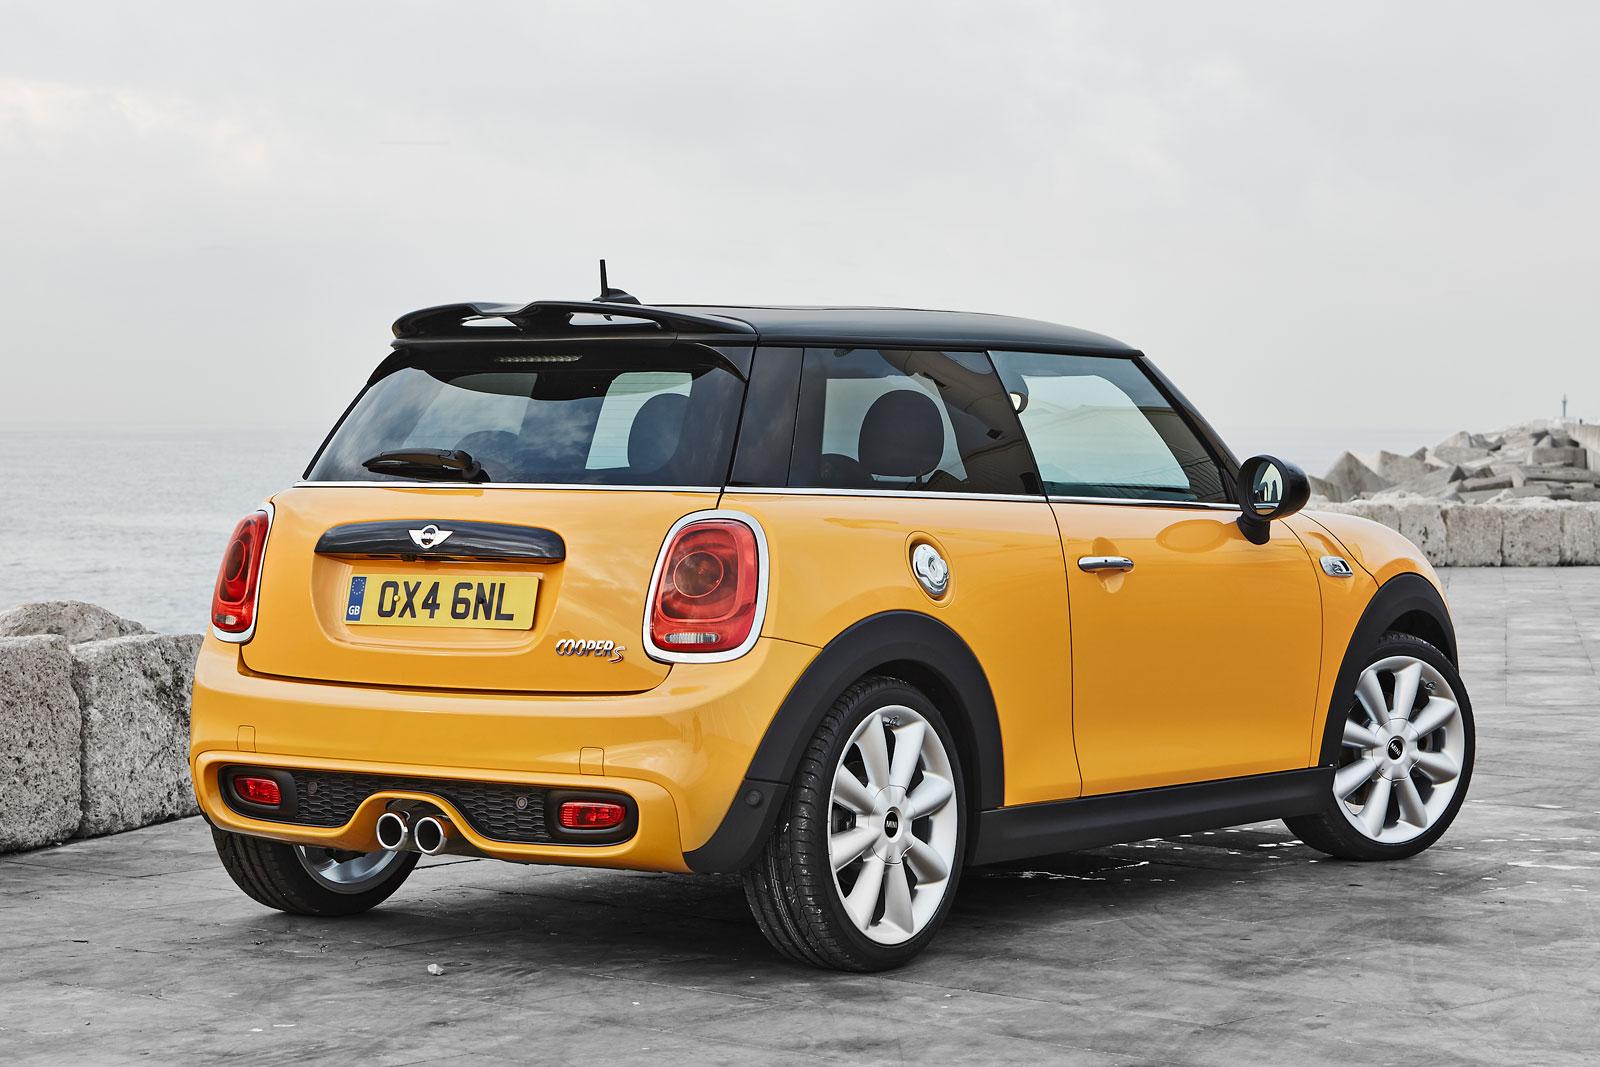 The New Mini Cooper S Car Body Design